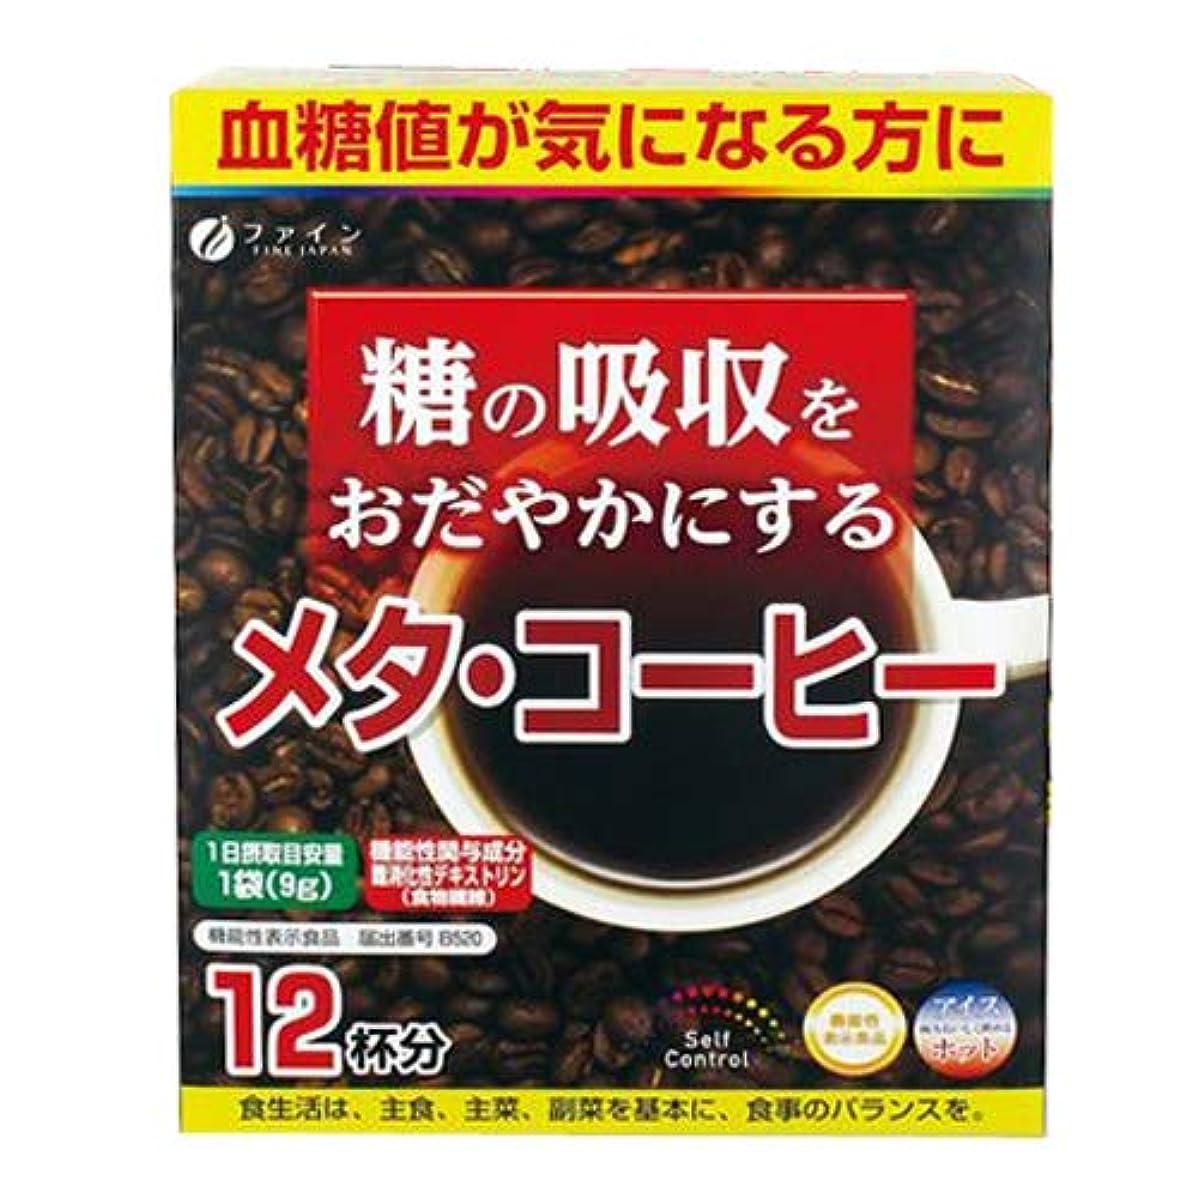 有効化証書アストロラーベ機能性表示食品 糖の吸収をおだやかにする メタ?コーヒー 【30箱組】